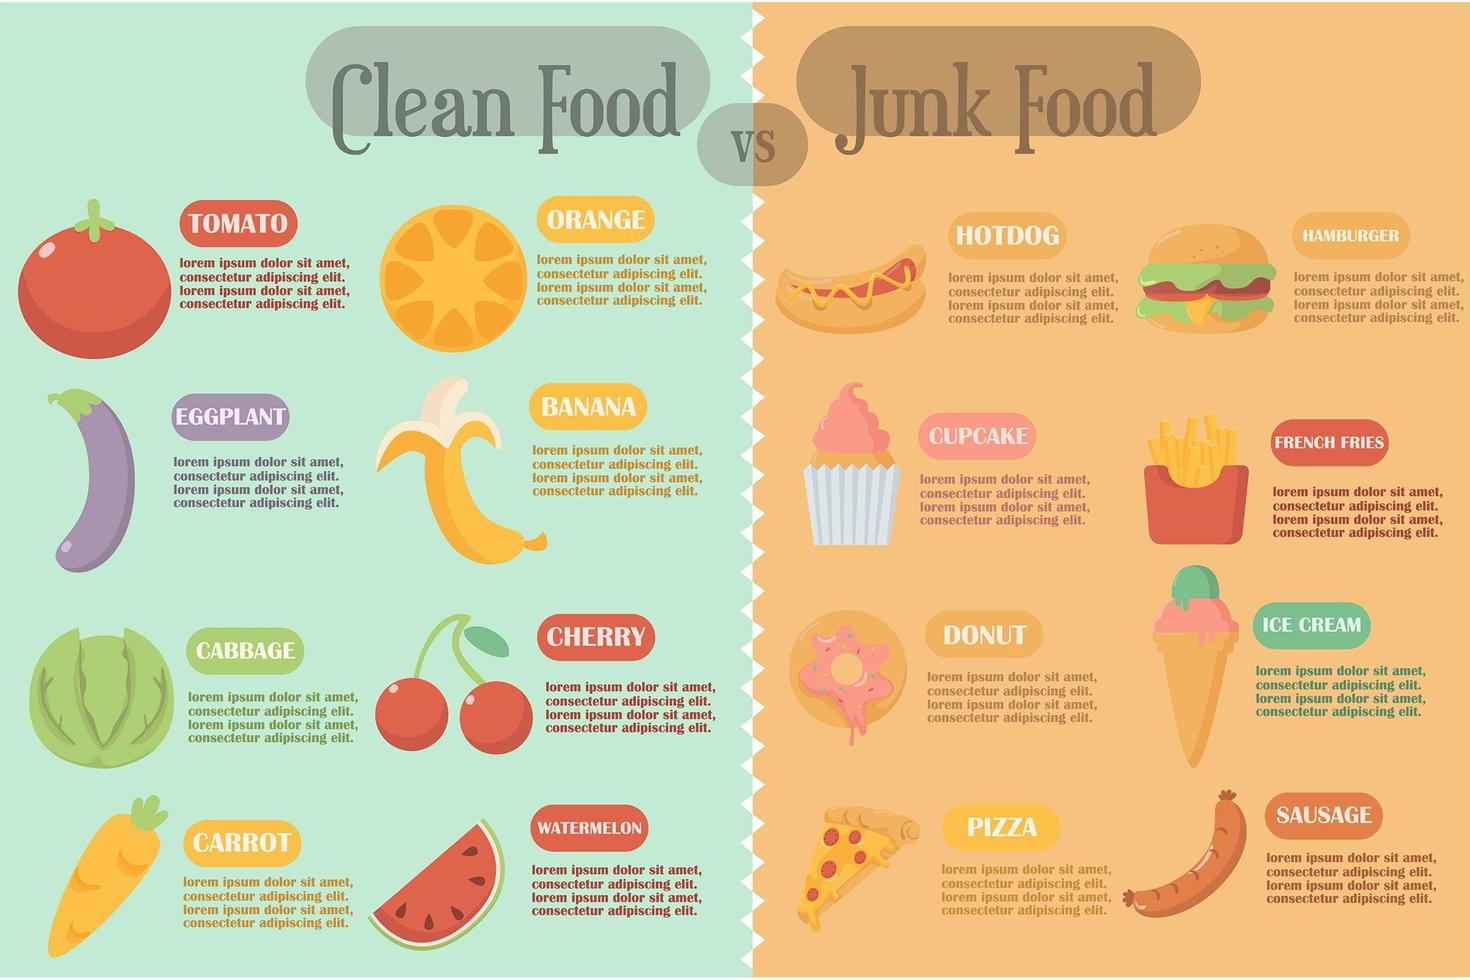 nourriture propre contre infographie de la malbouffe vecteur